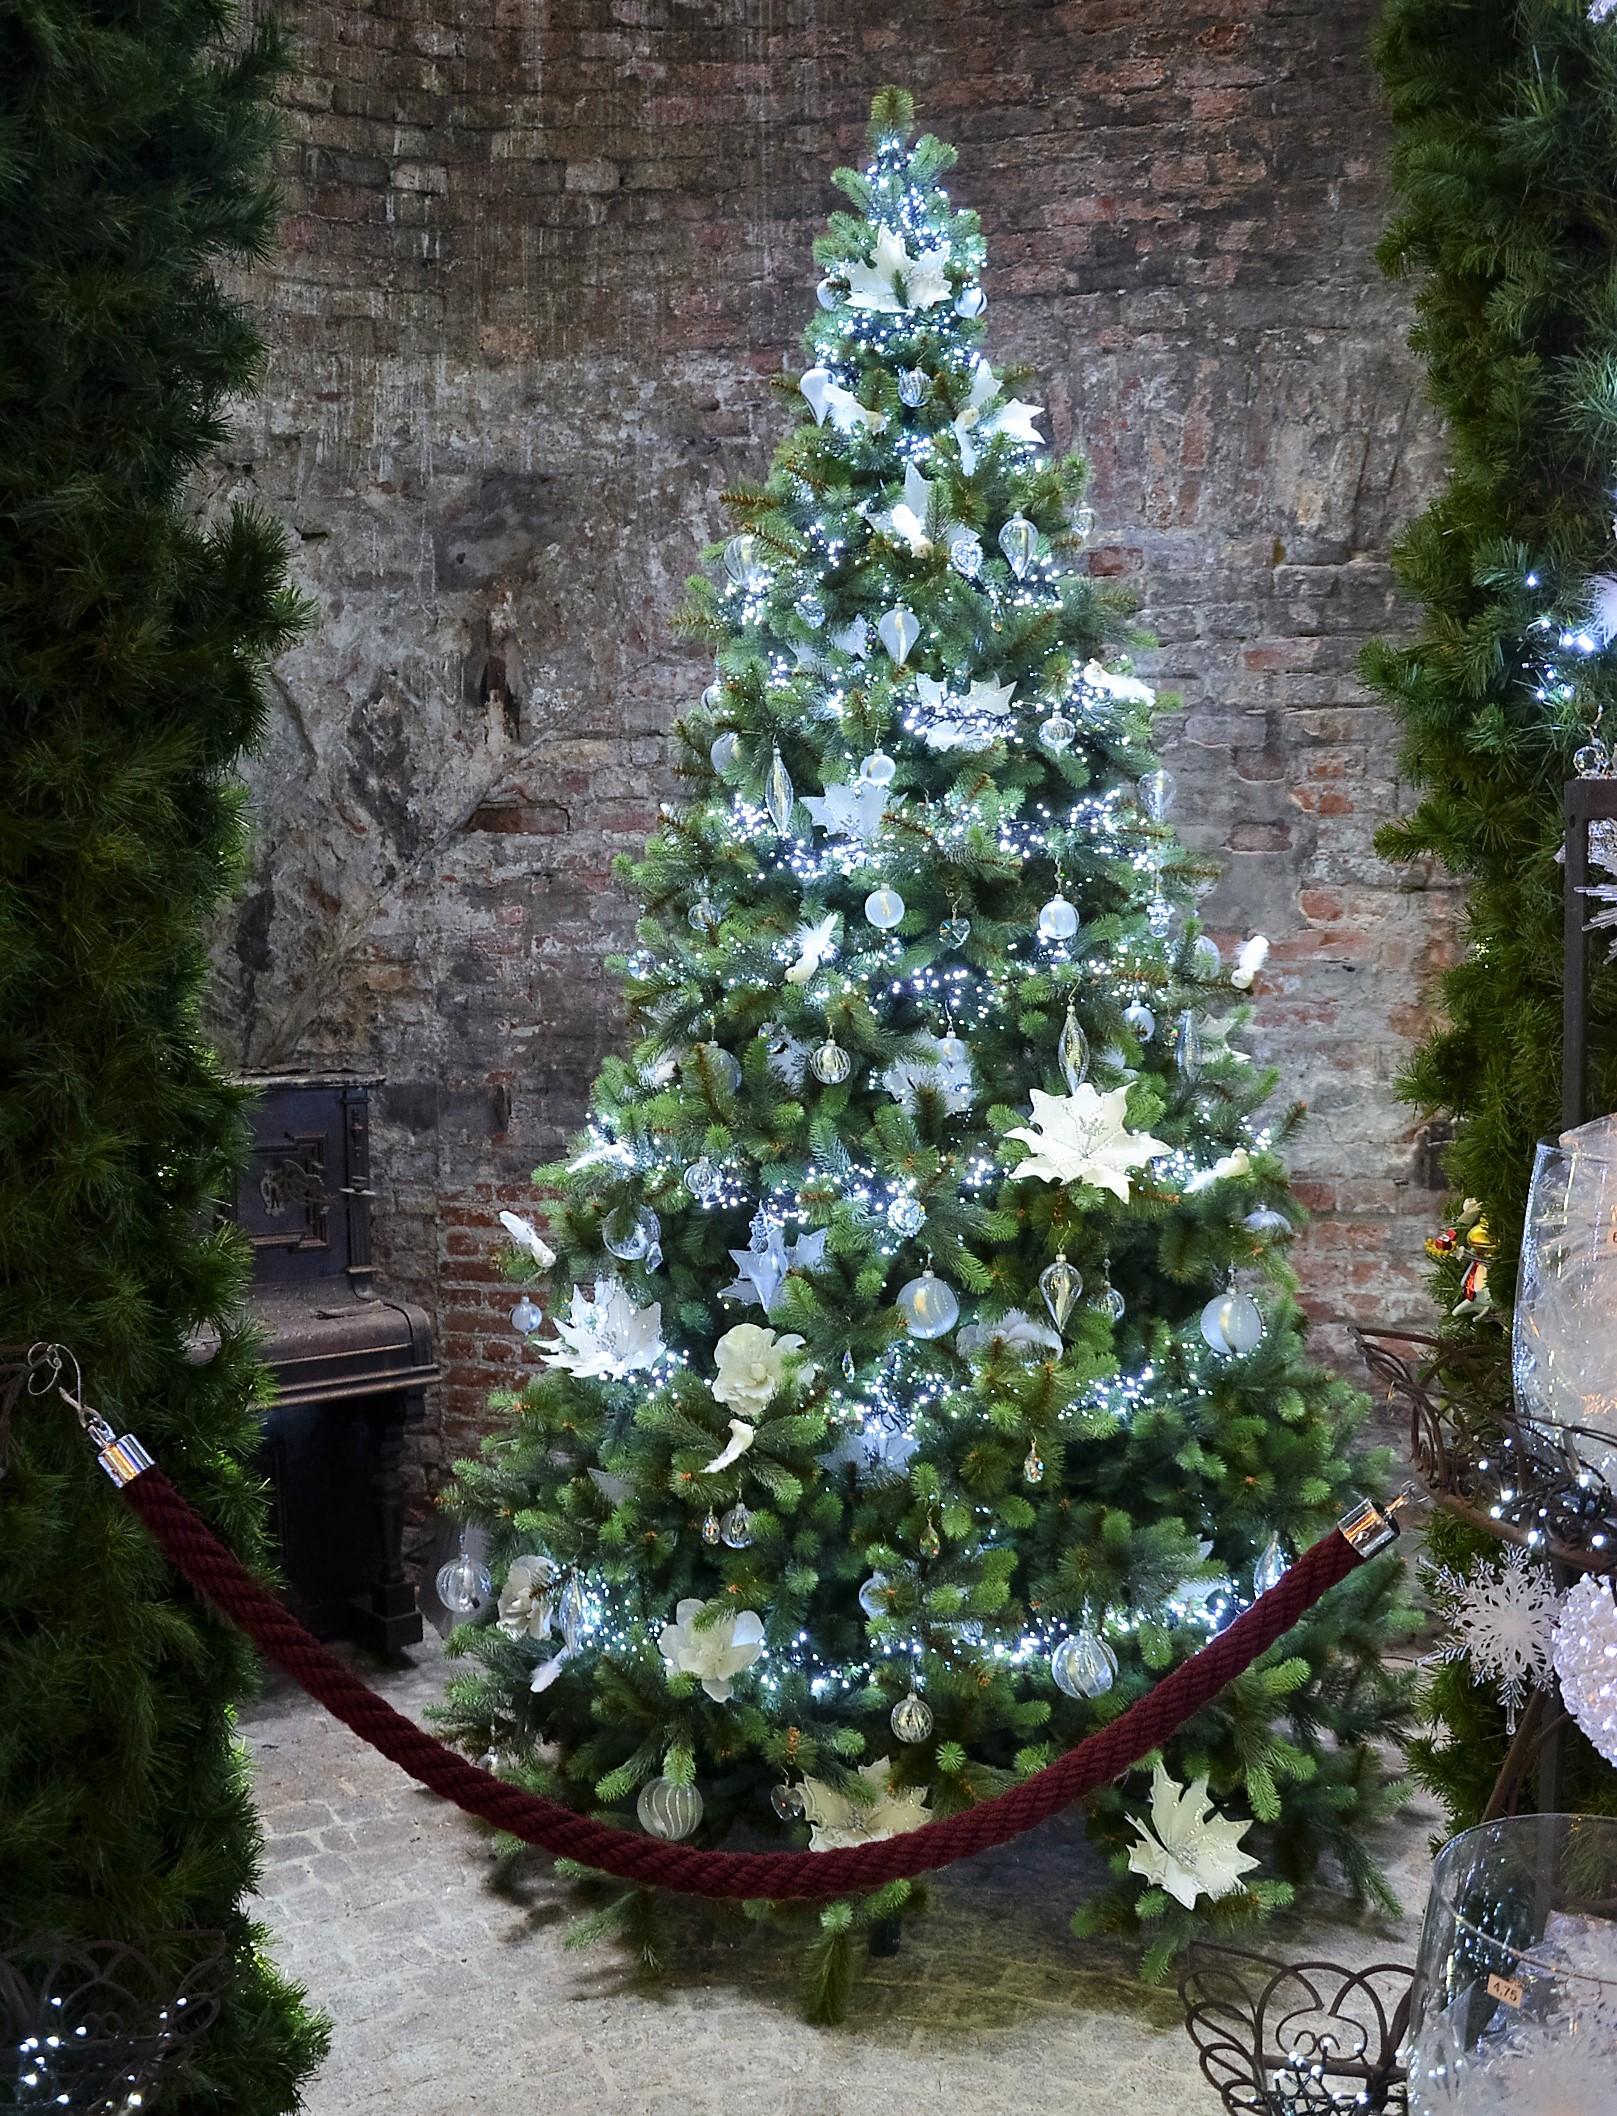 Weihnachtsbaum - ein Weihnachtstraum